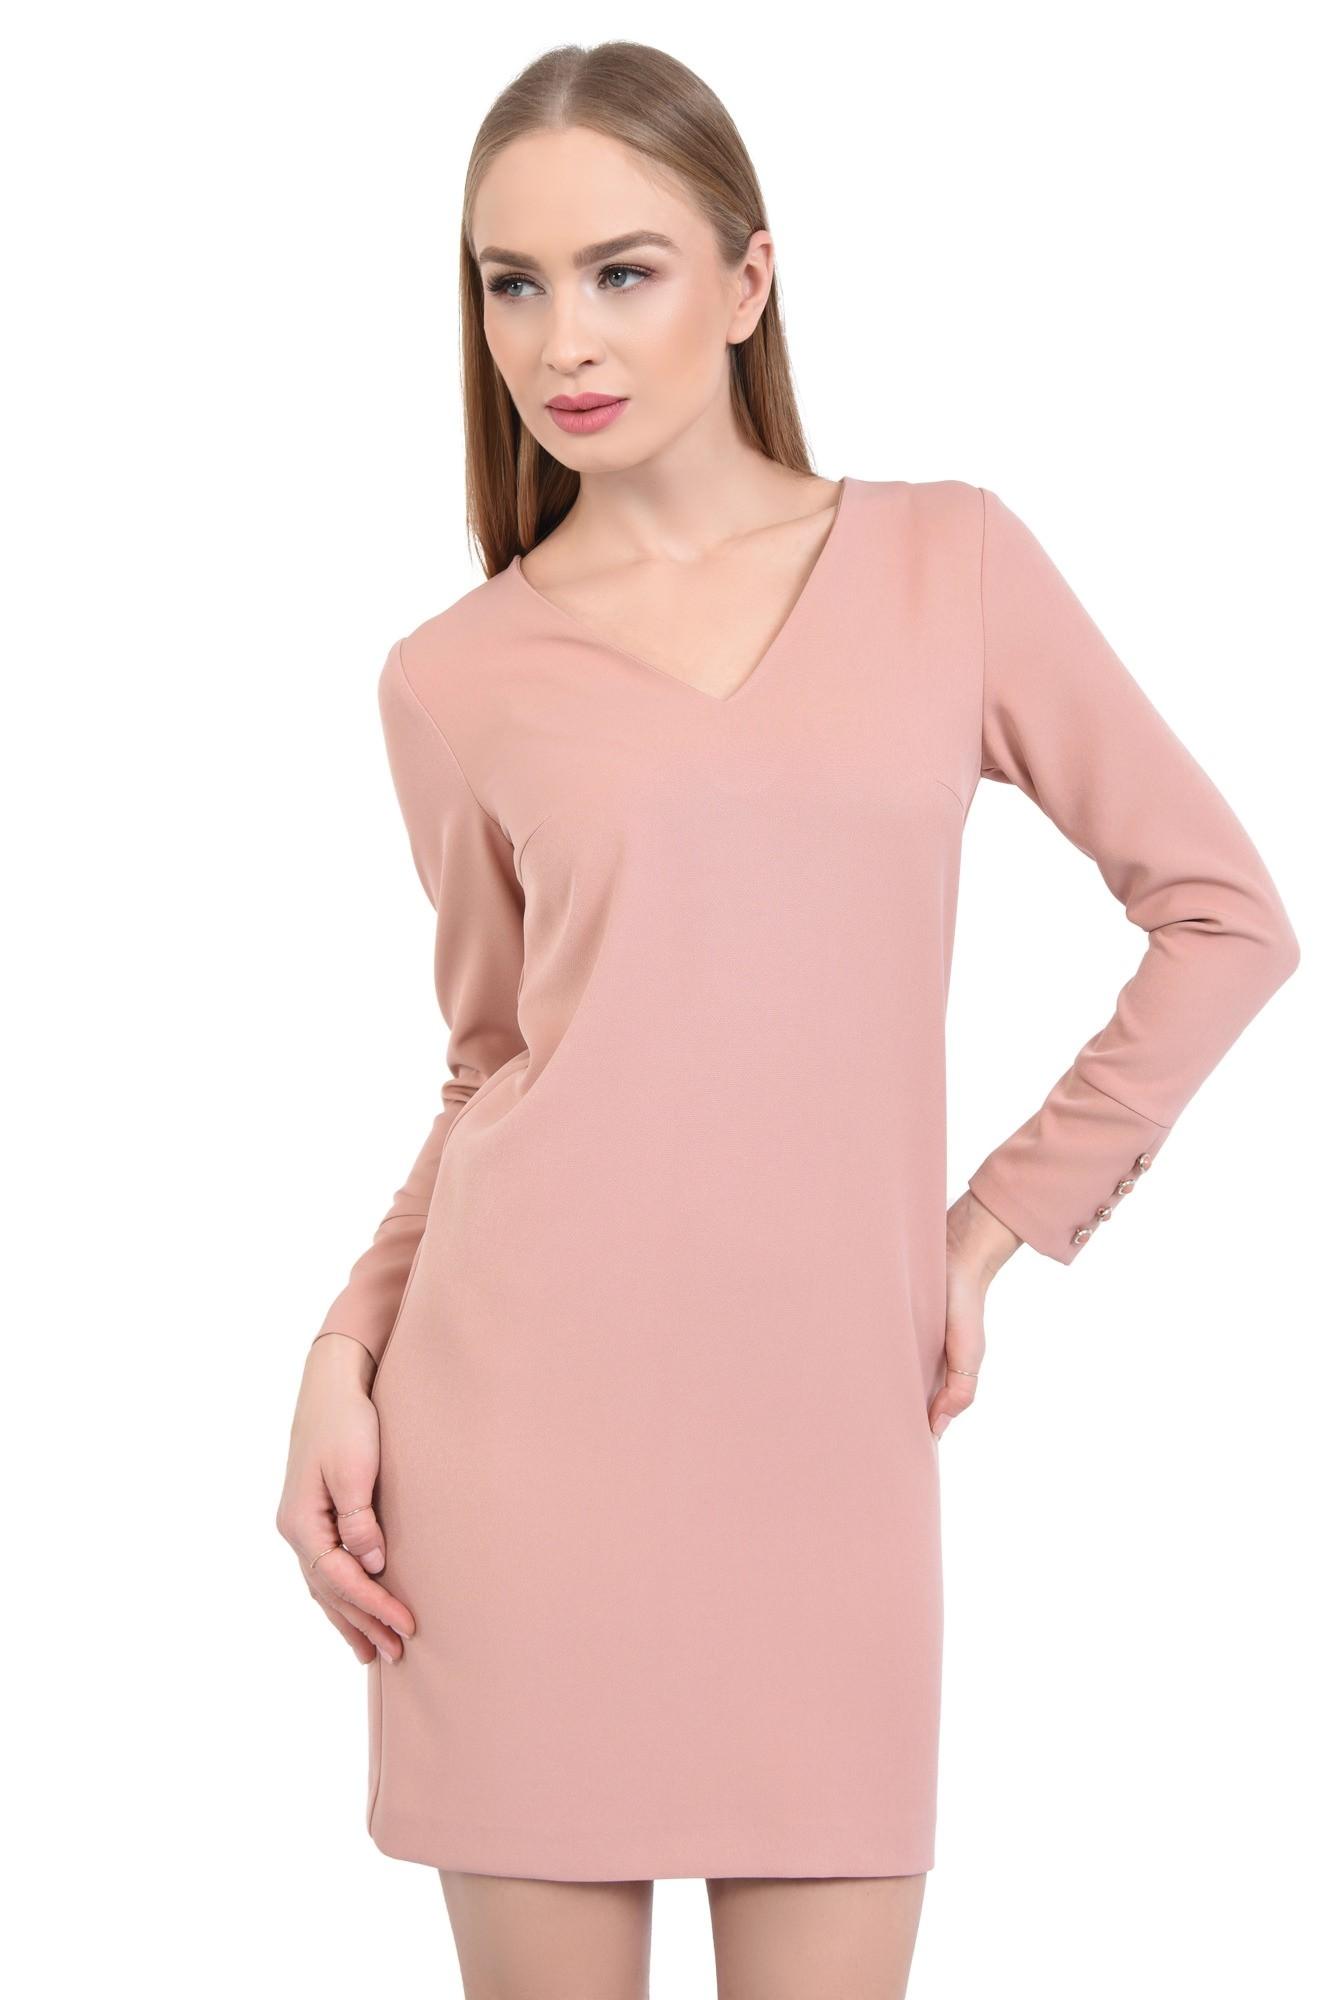 0 - Rochie casual mini, roz